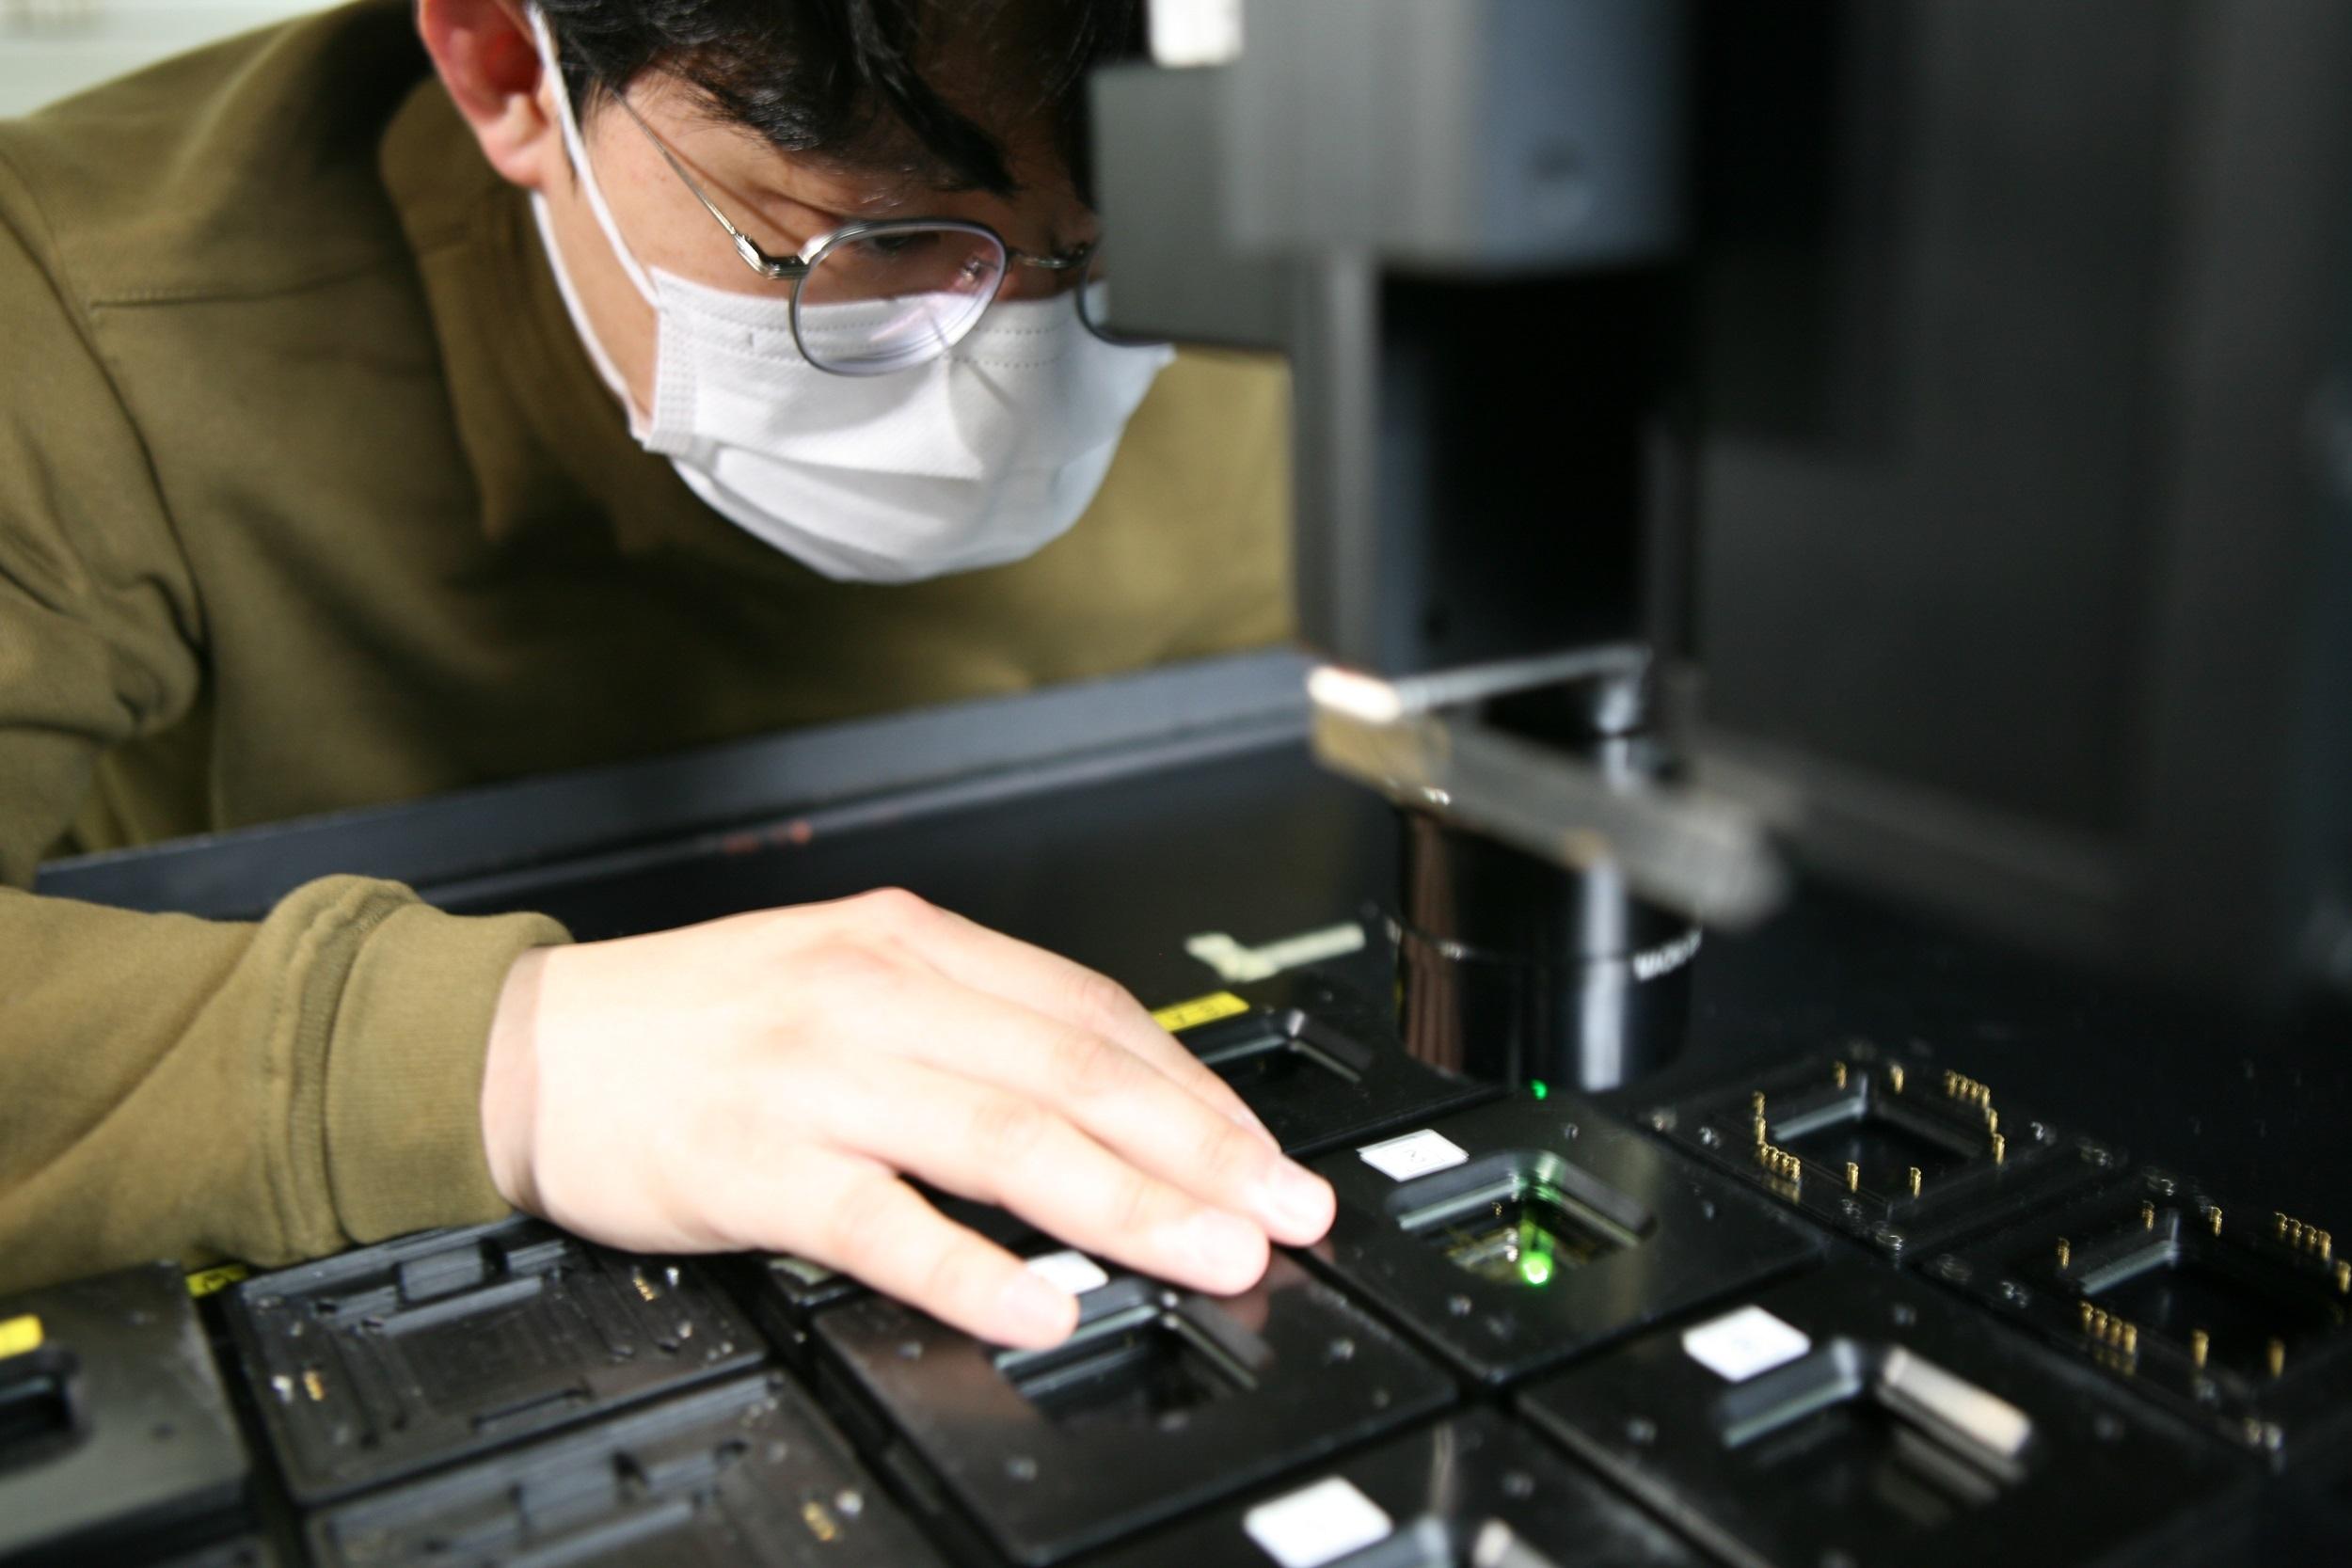 Nowe ekrany Samsung OLED mają zużywać o 16% mniej energii (źródło: Business Wire)